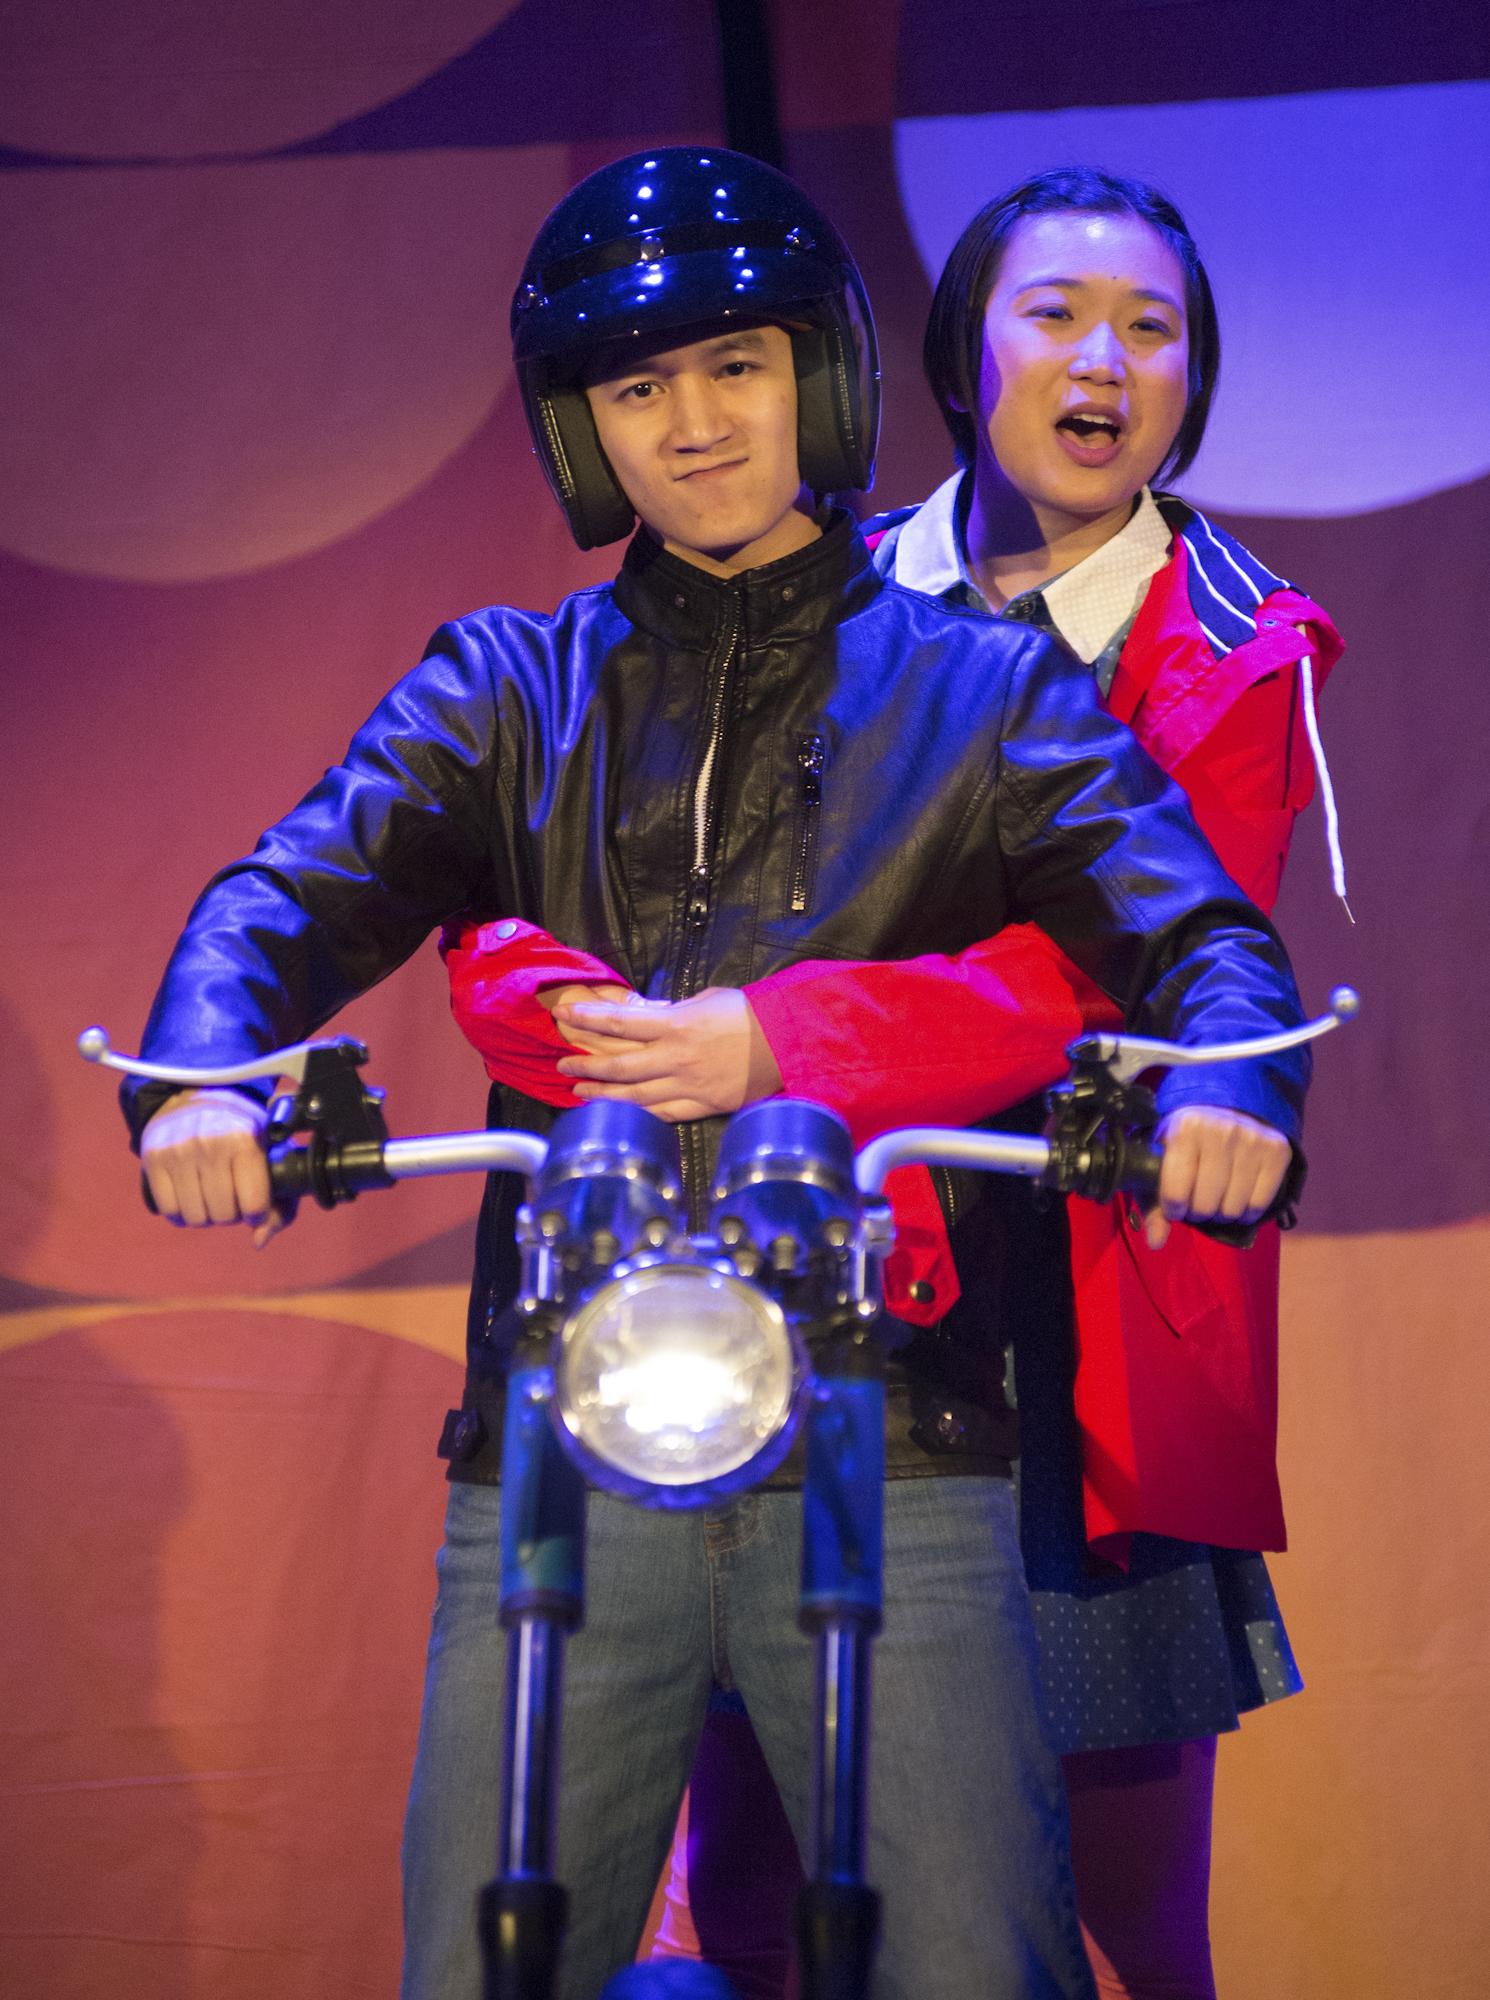 L to R: Benjamin Nguyen, Krystle Piamonte